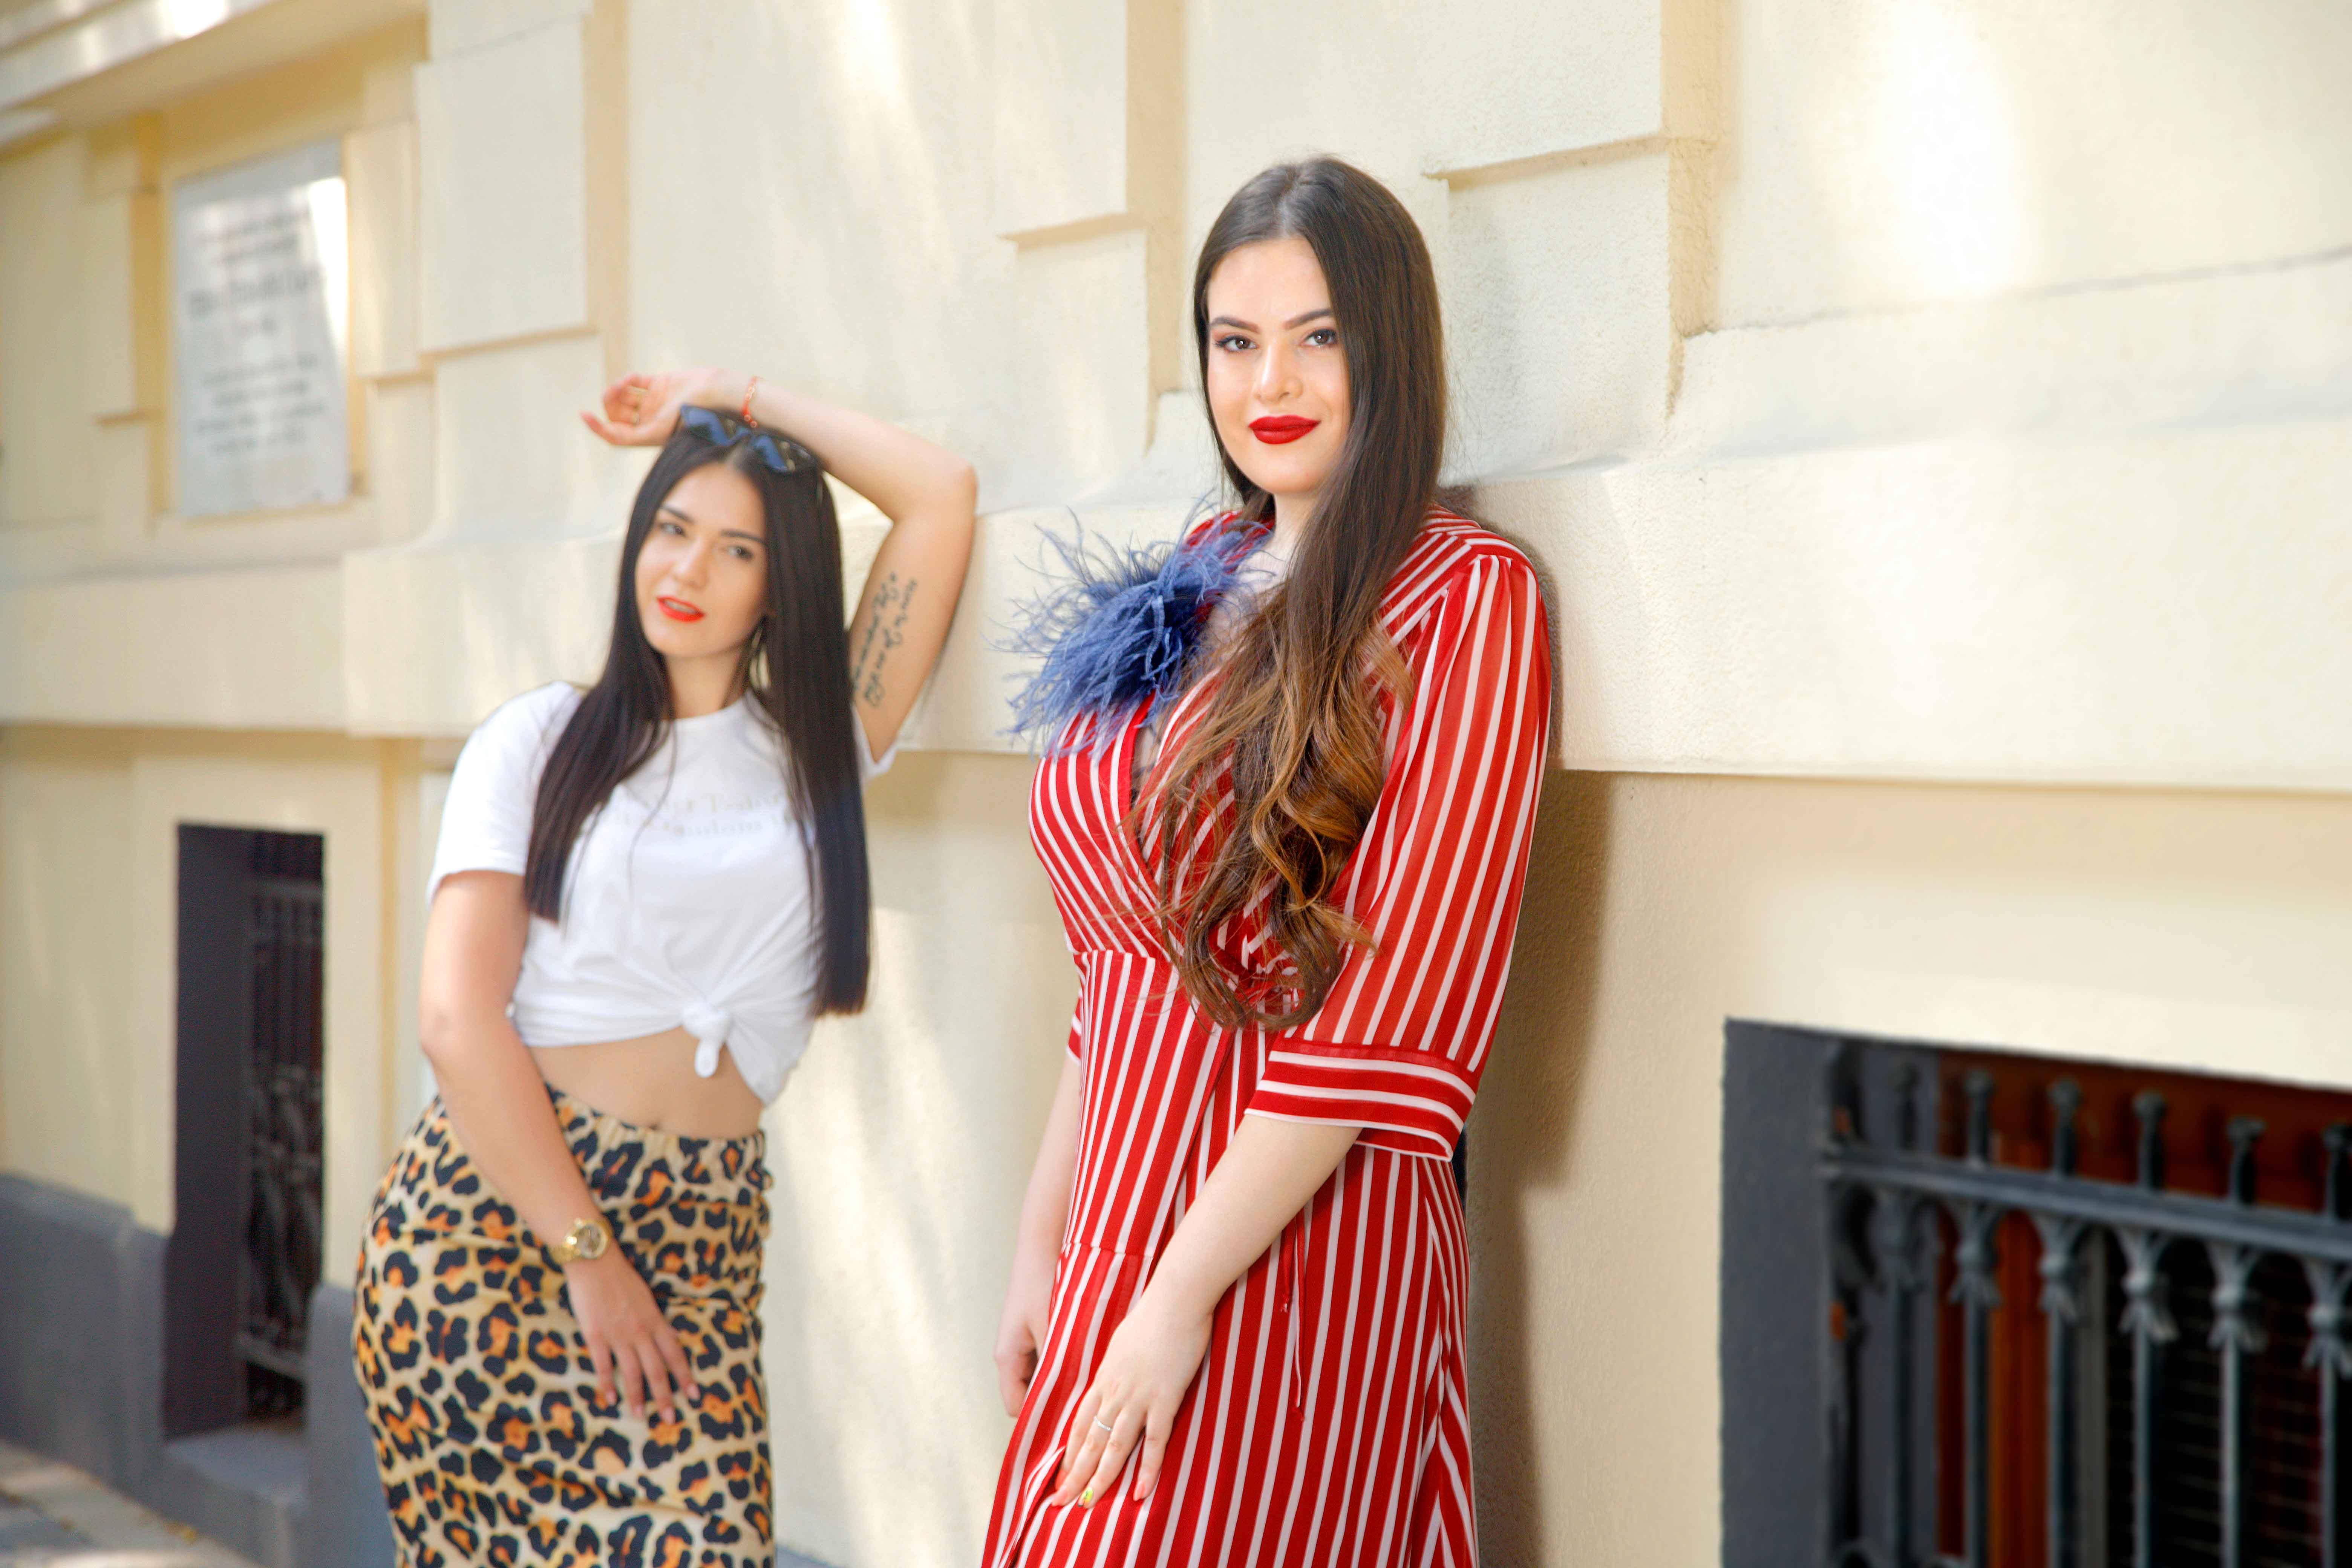 Август сбъдва мечти! Победителката ни Емили Недялкова бе вдъхновена от модния блогър Цветина Цекова!